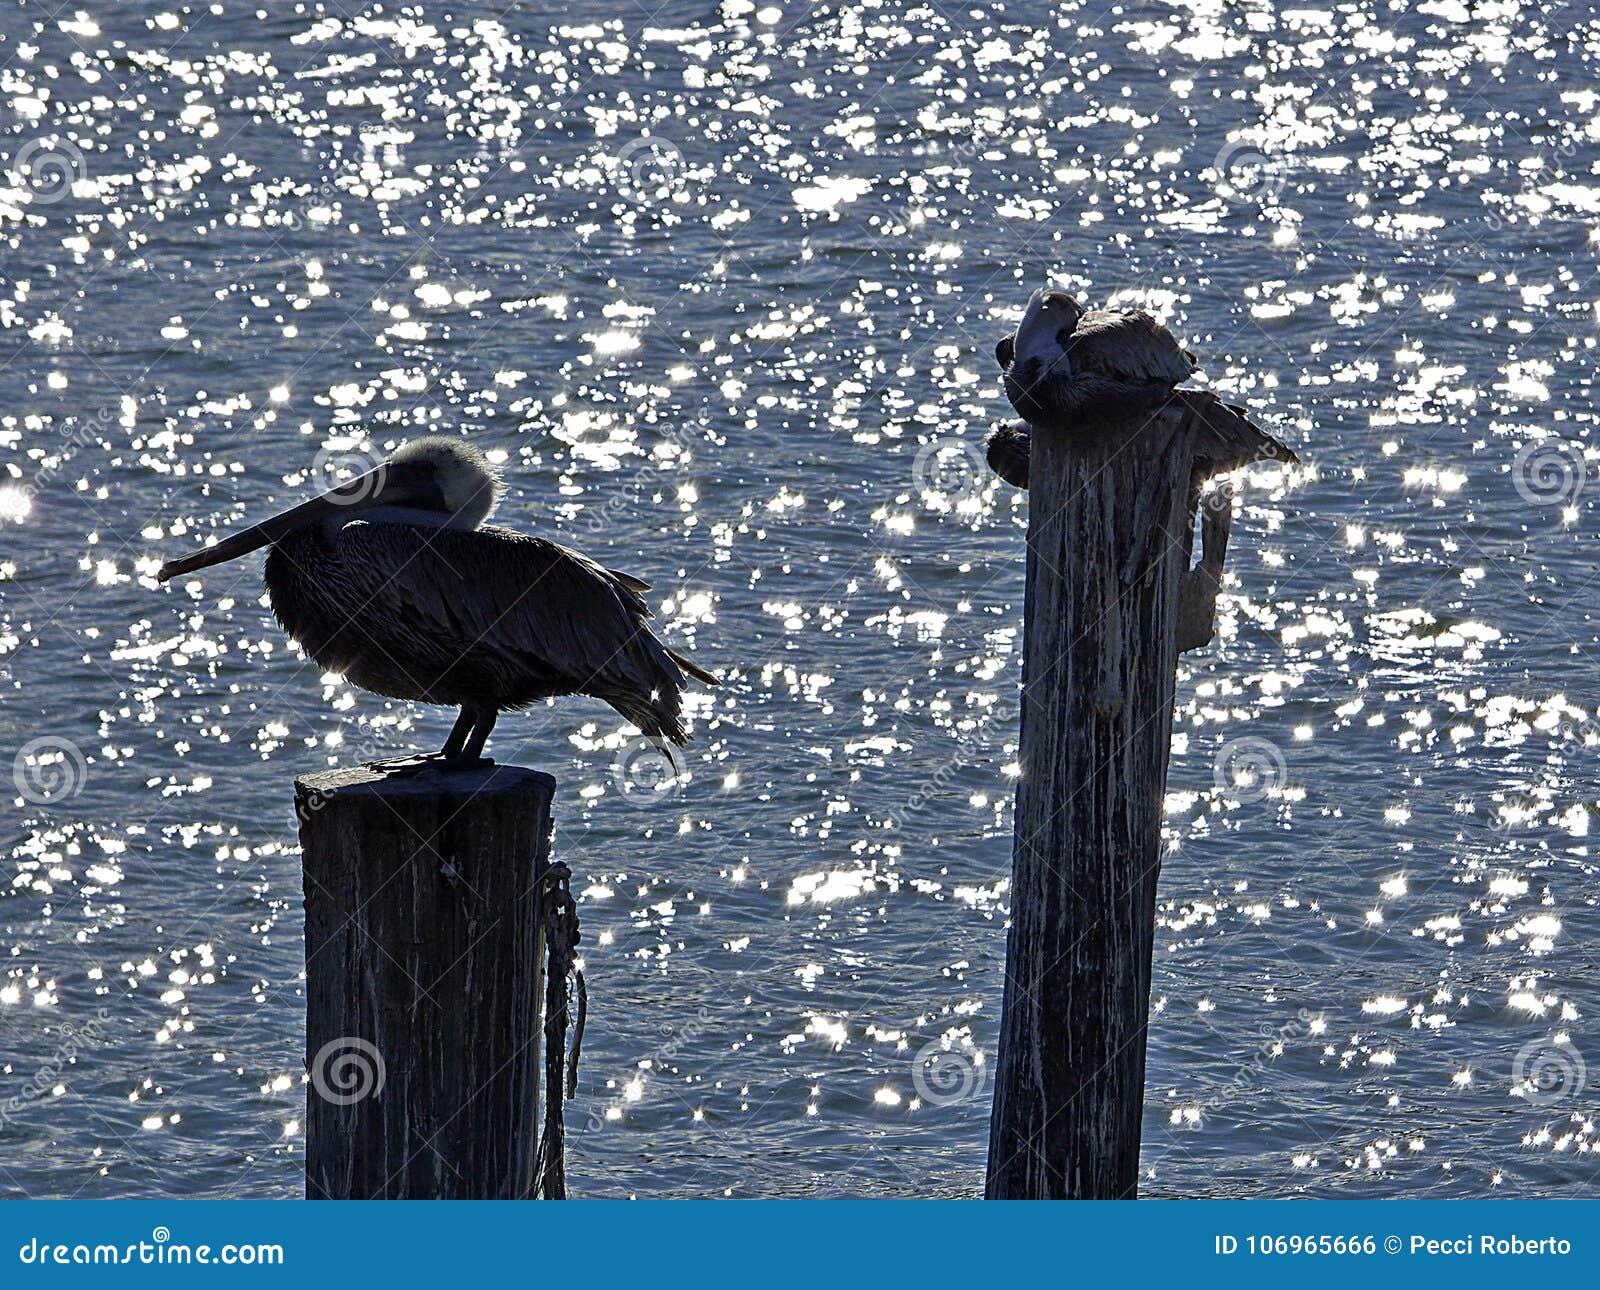 La playa de la Florida, Madeira, tres pelícanos se encarama en el tronco de un árbol